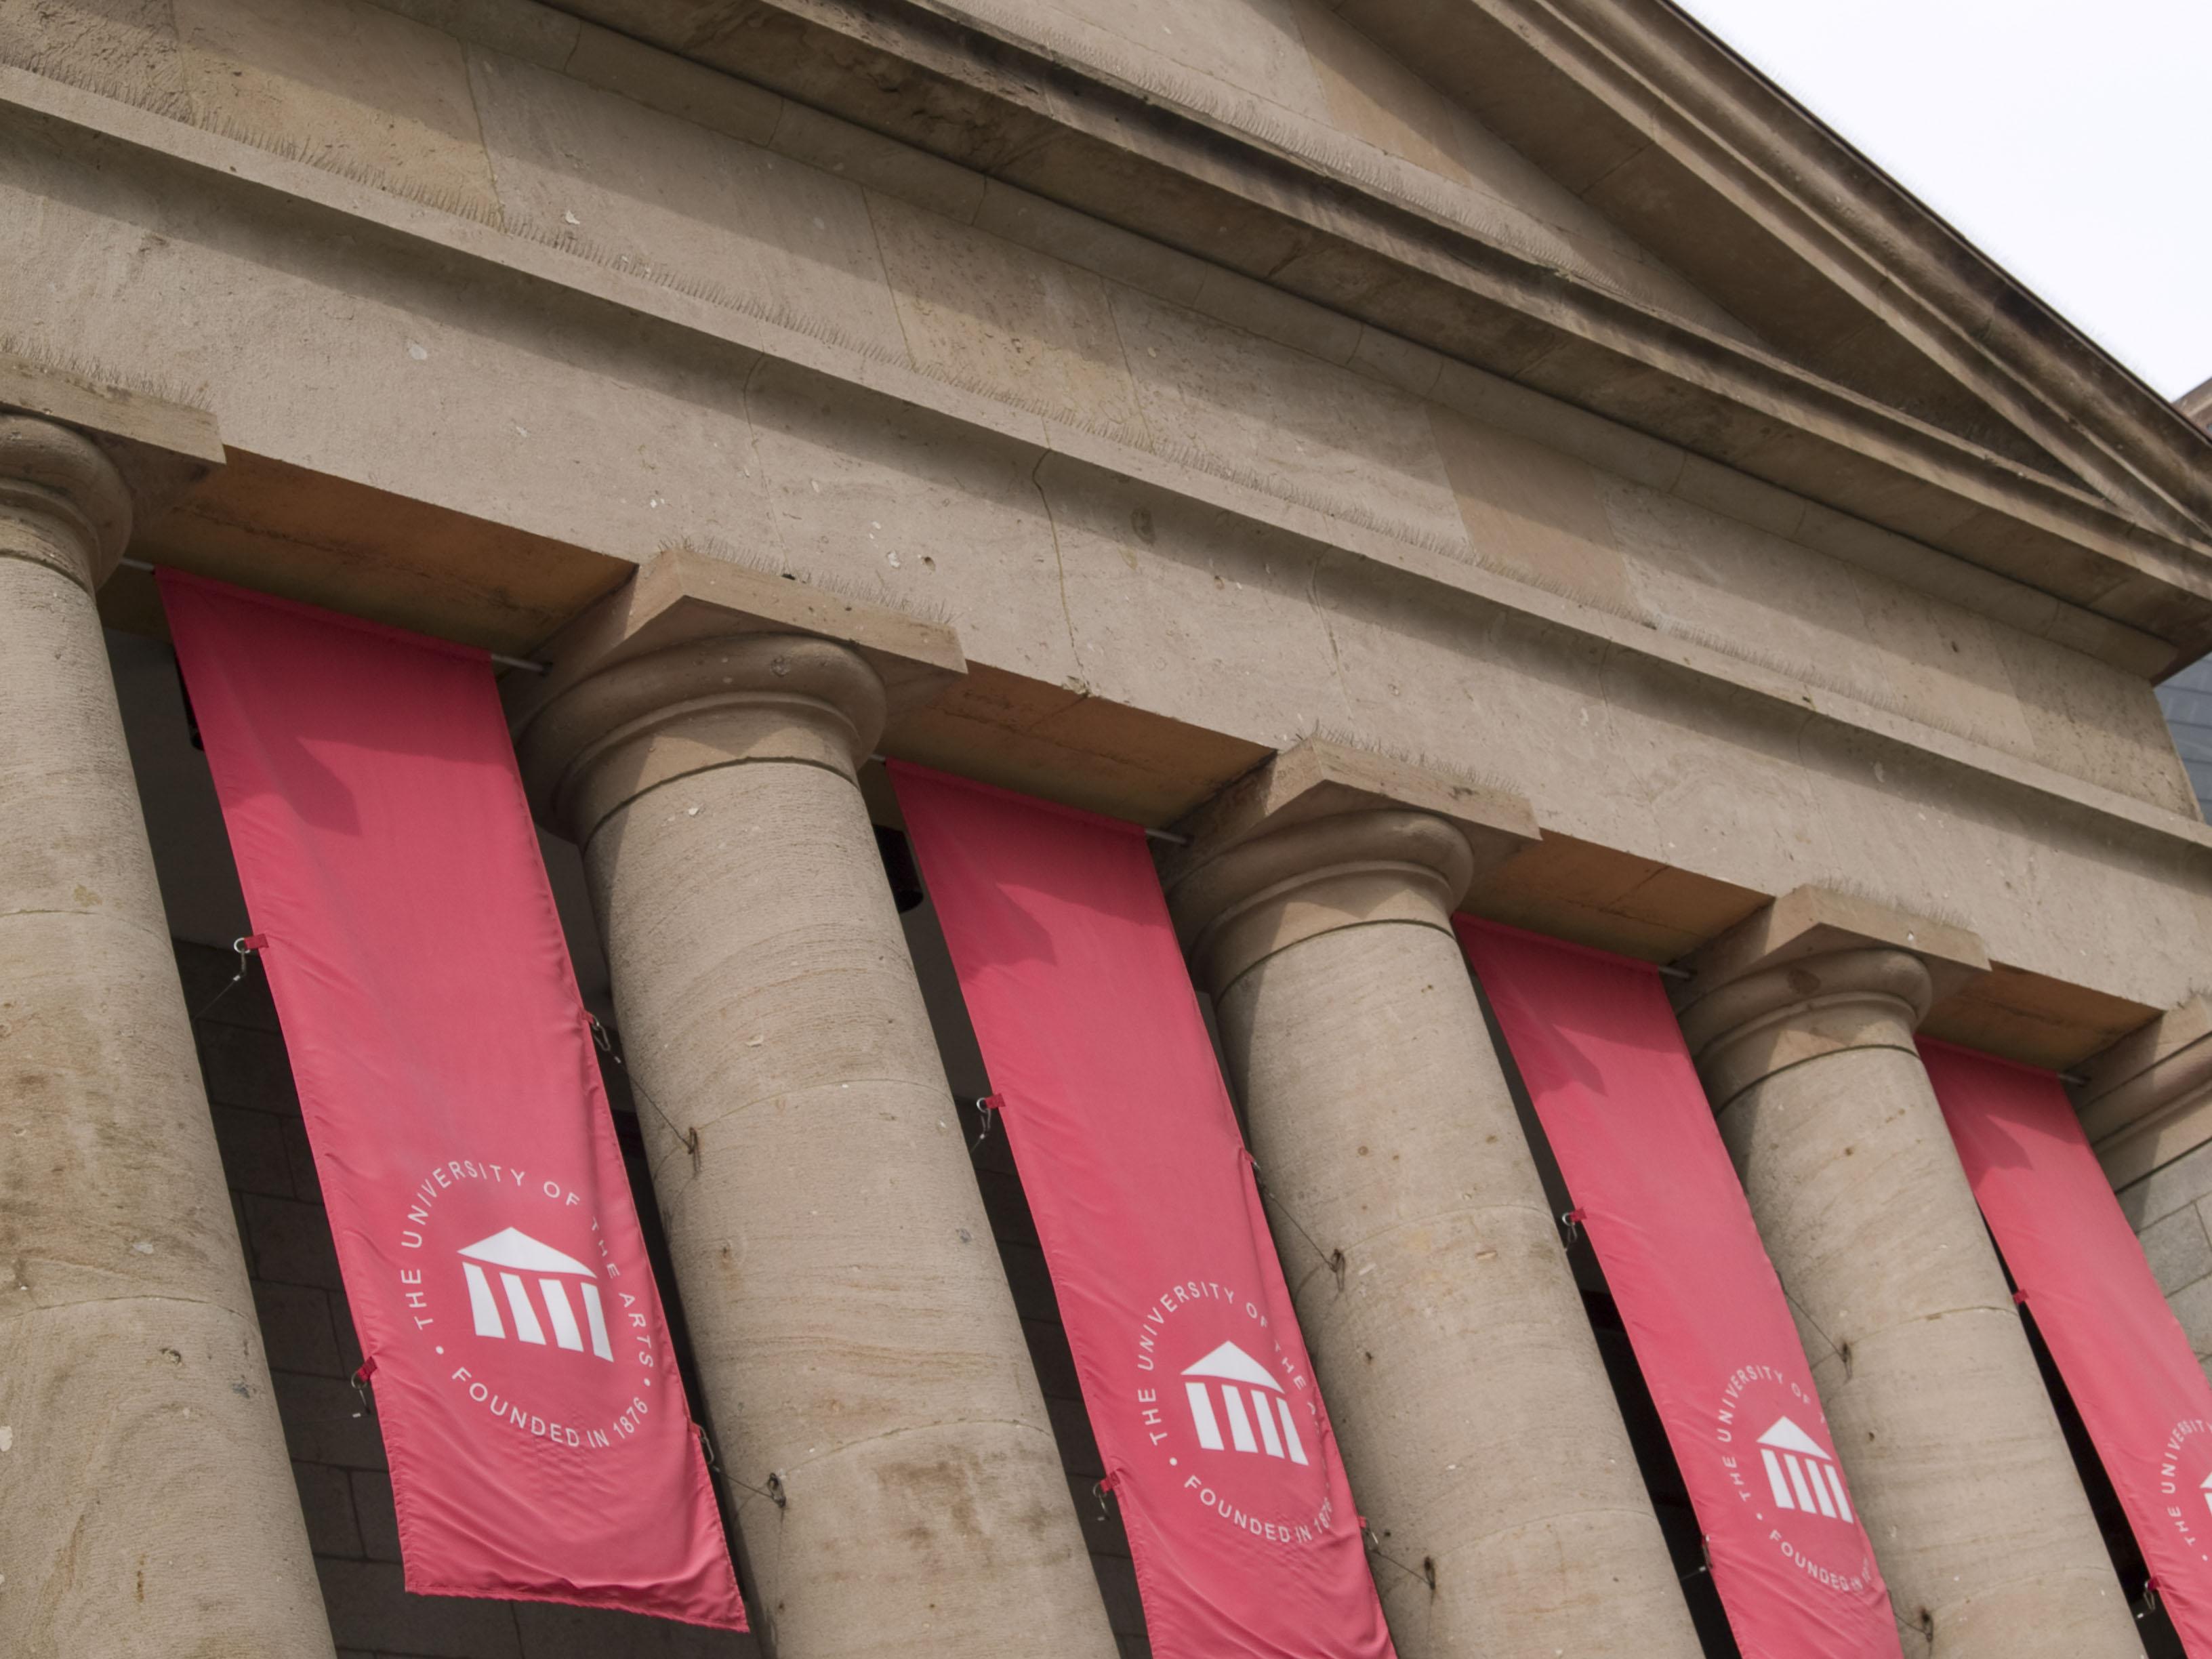 Interior design december 2012 - Harrington institute of interior design ...